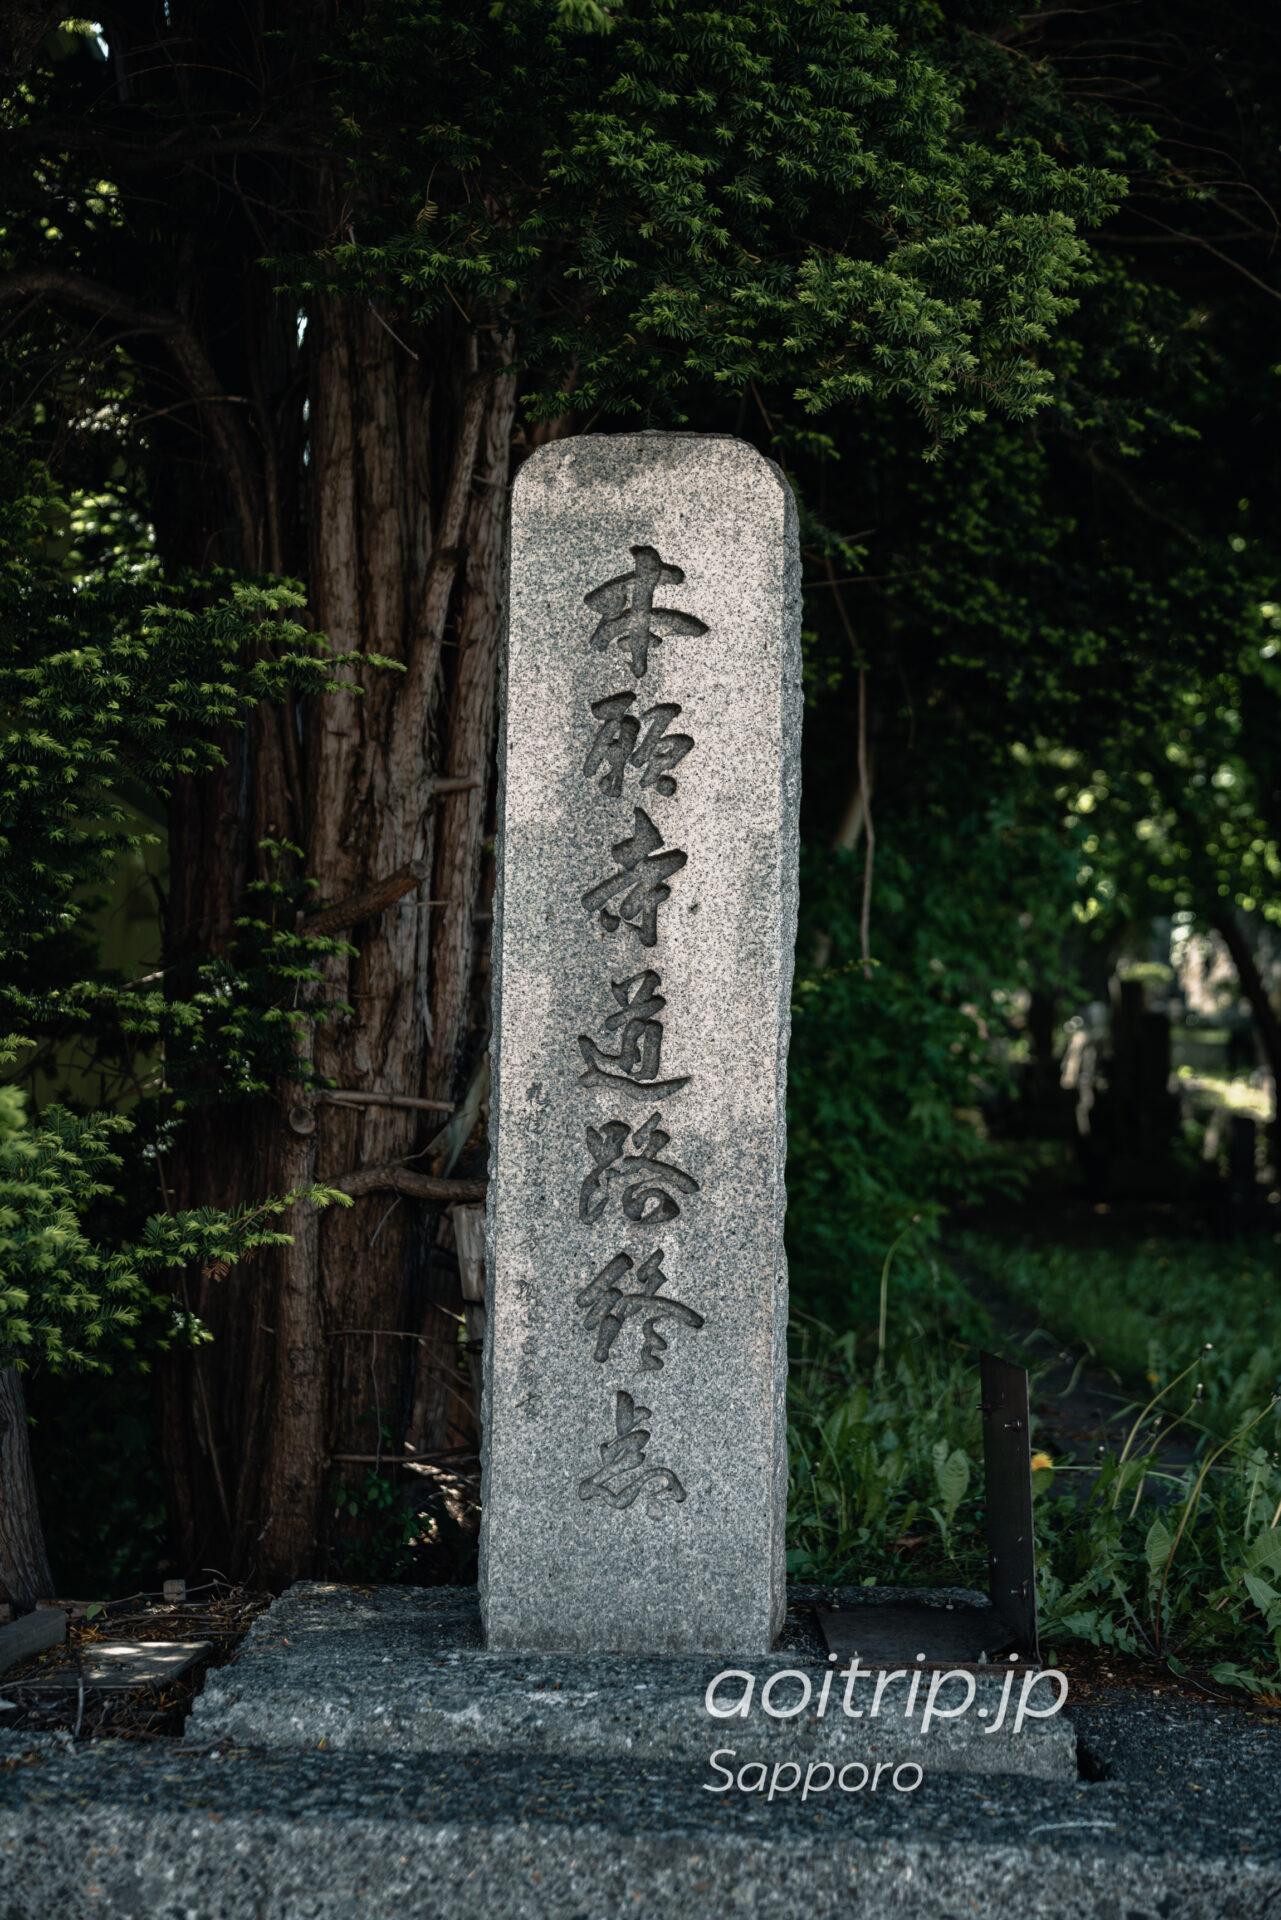 平岸にある本願寺道路終点の碑